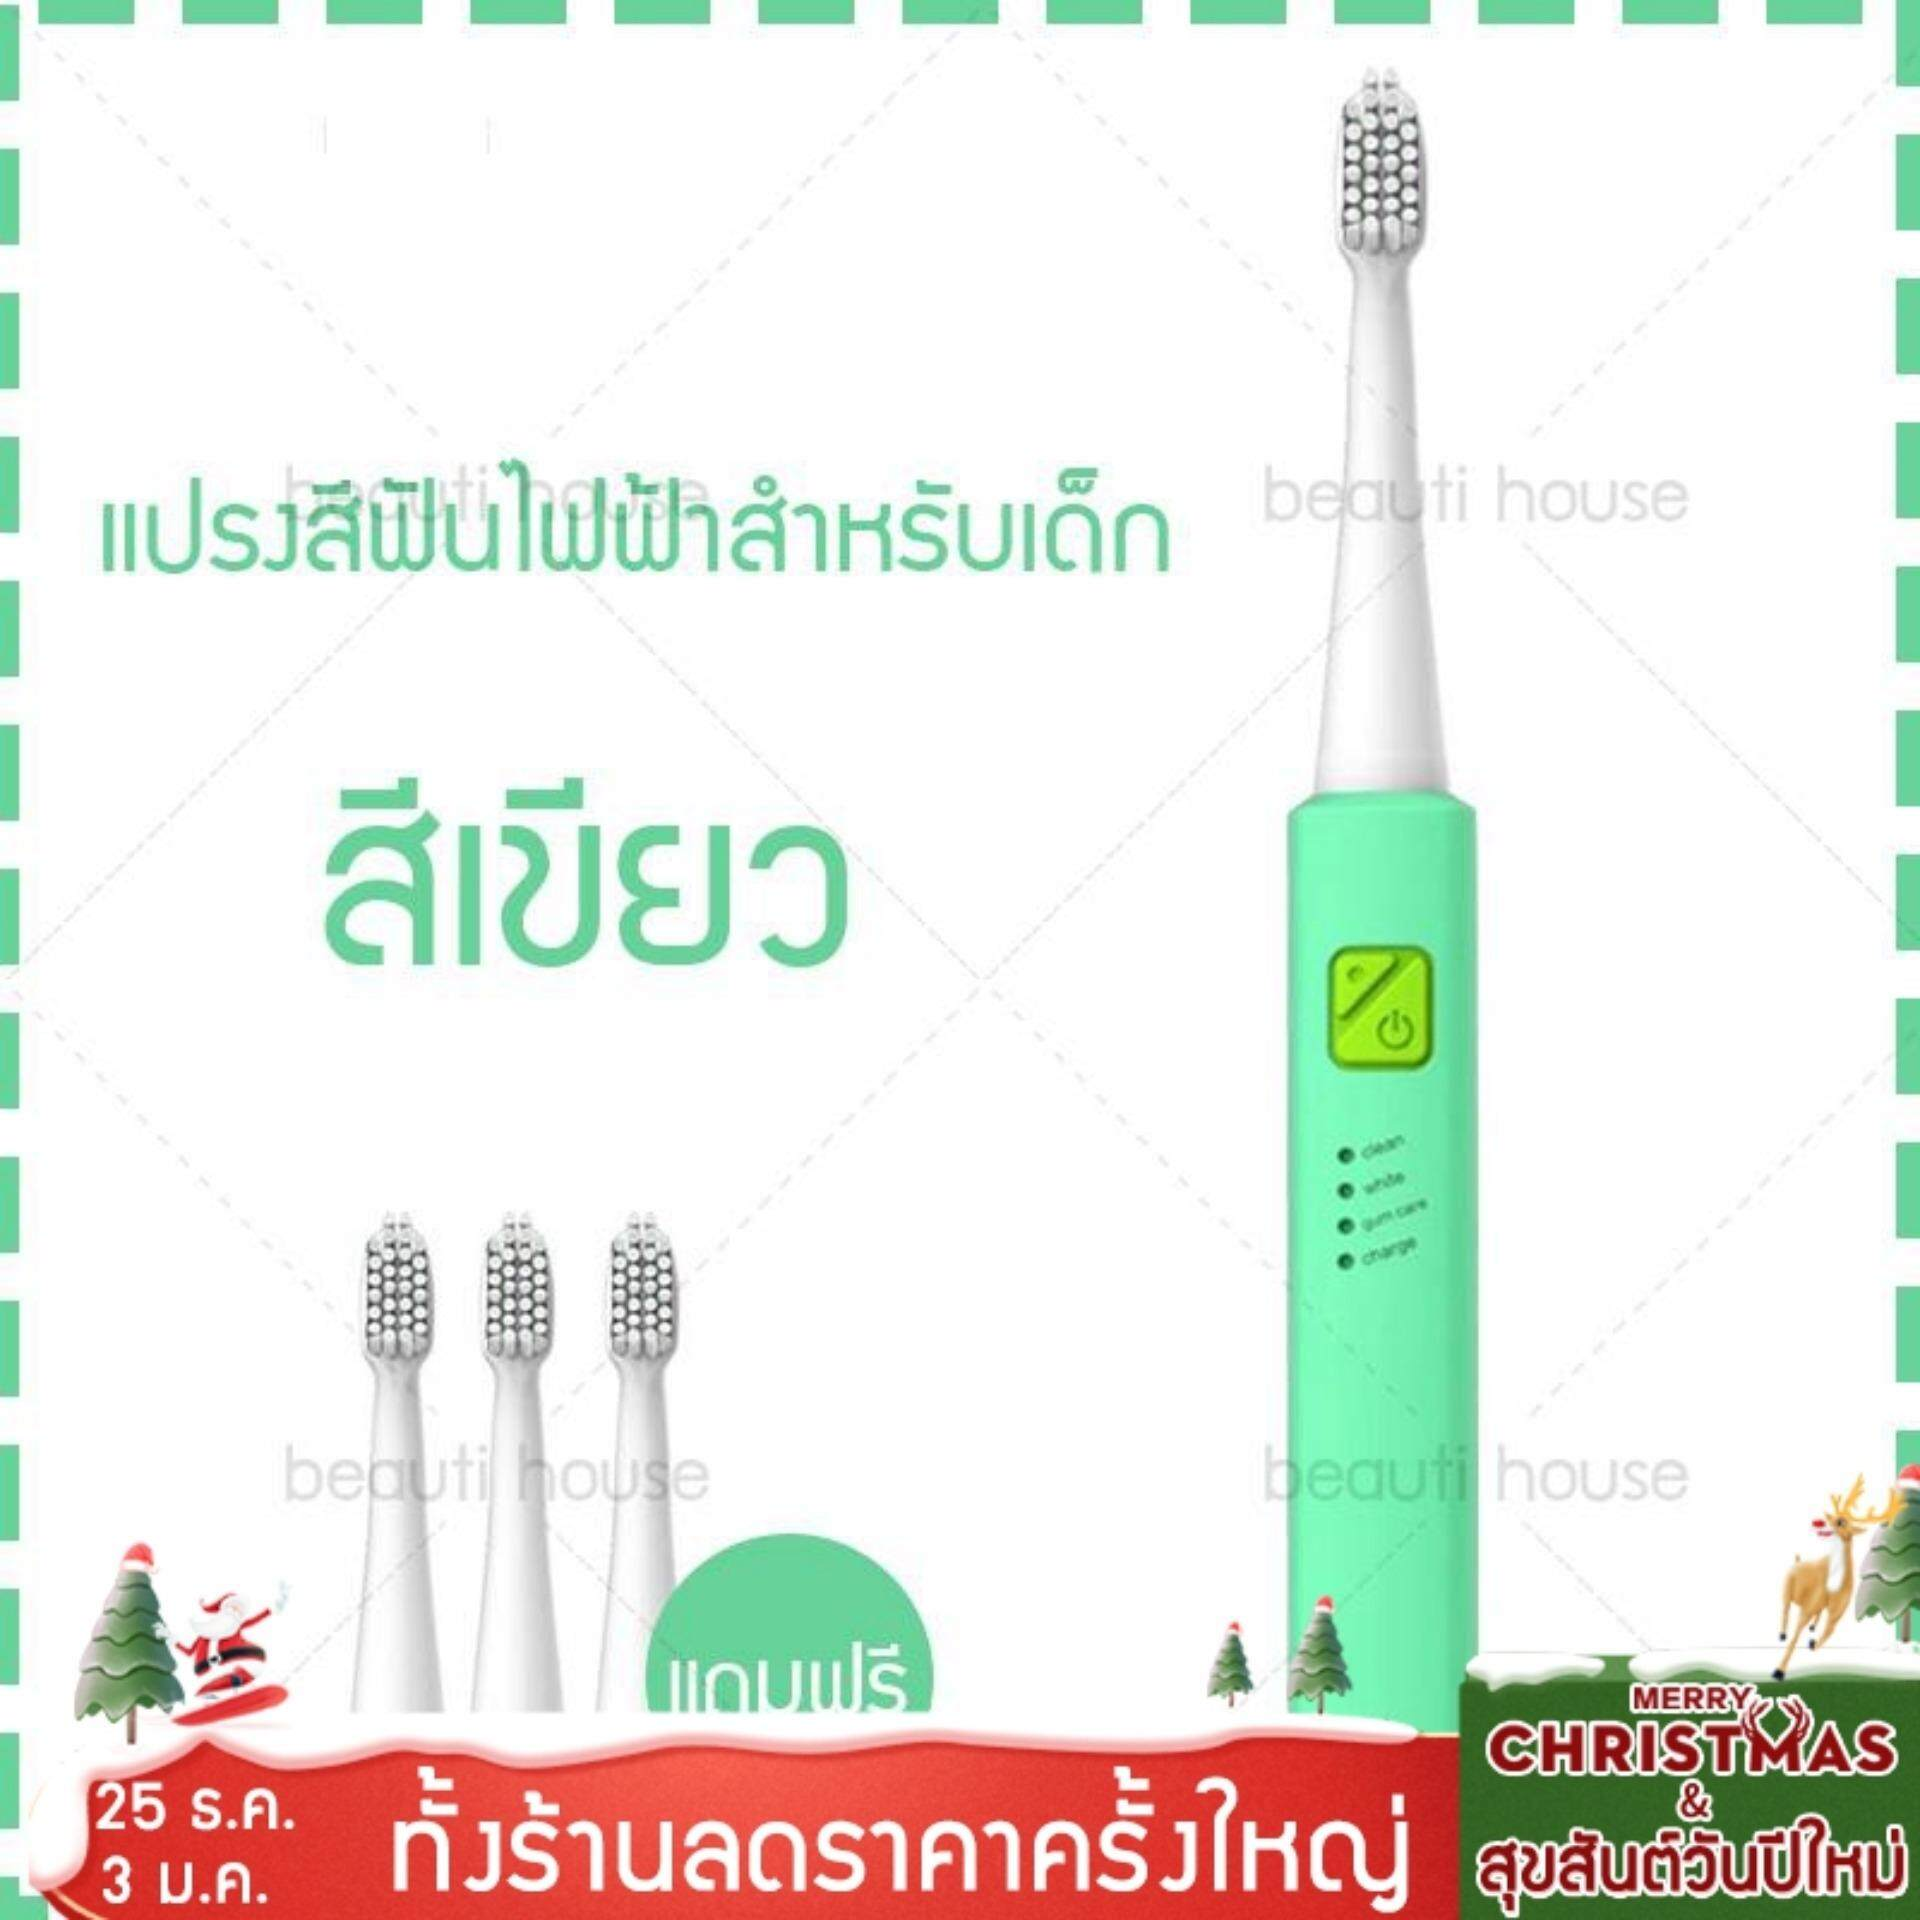 แปรงสีฟันไฟฟ้า ช่วยดูแลสุขภาพช่องปาก นครพนม LANSUNG  แปลงสีฟัน แปรงสีฟันไฟฟ้า ระบบSonic ชุดแปรงสีฟันไฟฟ้า พร้อมหัวเปลี่ยน 3 หัว ขนแรปงนิ่ม ชาร์จแบต กันน้ำ สำหรับเด็กสีเขียว  สำหรับผู้ใหญ่สีม่วง  Carrefour